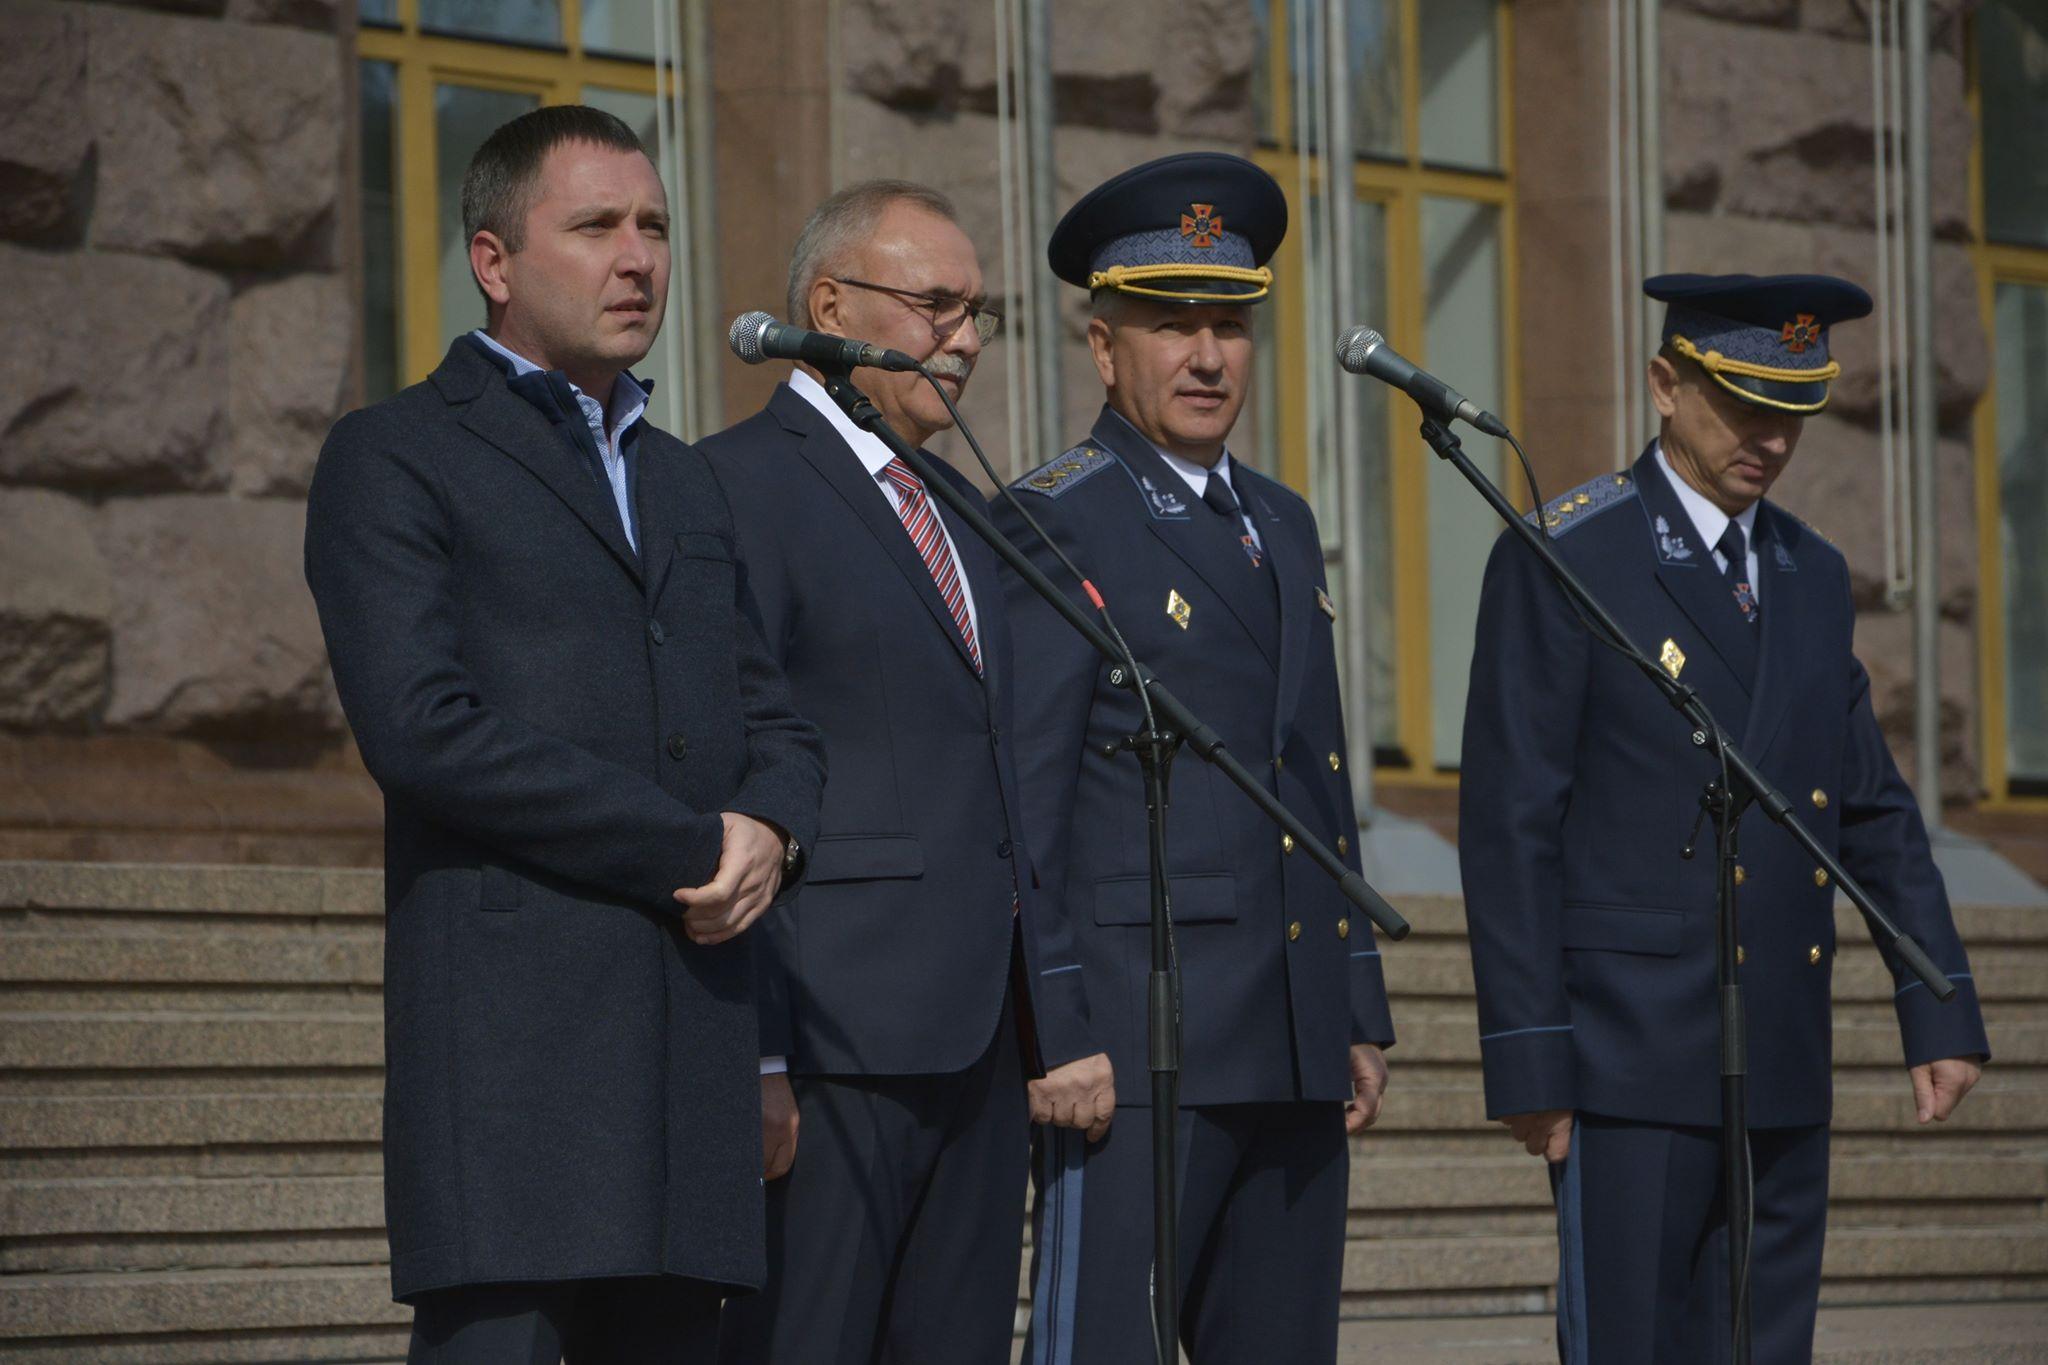 Міністерство інфраструктури передало ДСНС 40 спеціалізованих аварійно-рятувальних машин, ще 30 буде передано до кінця року, – Юрій Лавренюк